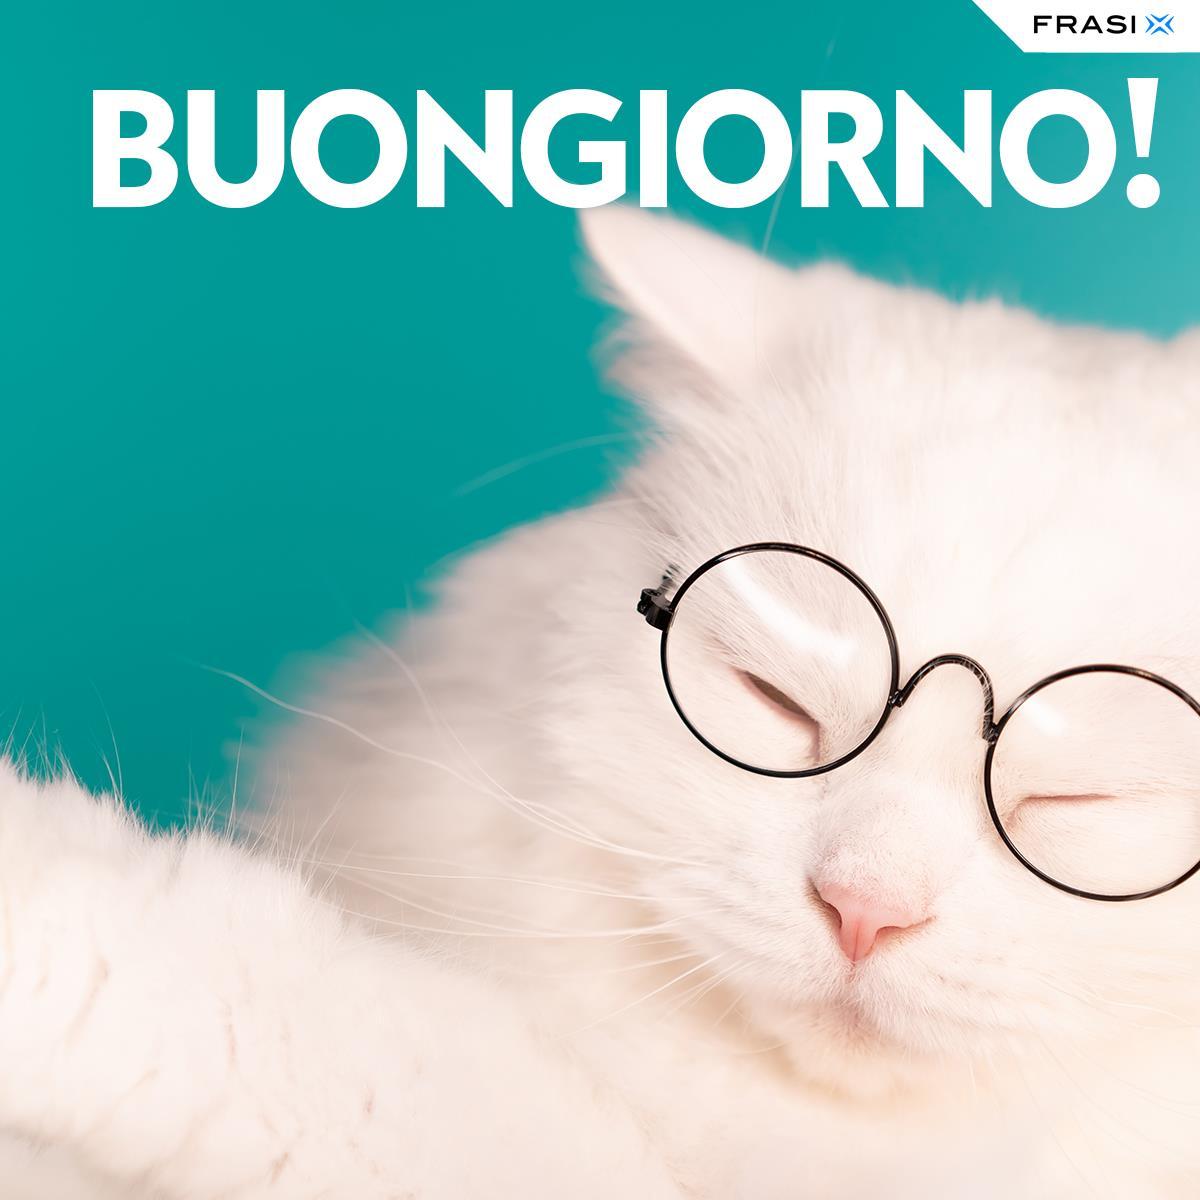 Messaggi buongiorno animali gatto occhiali